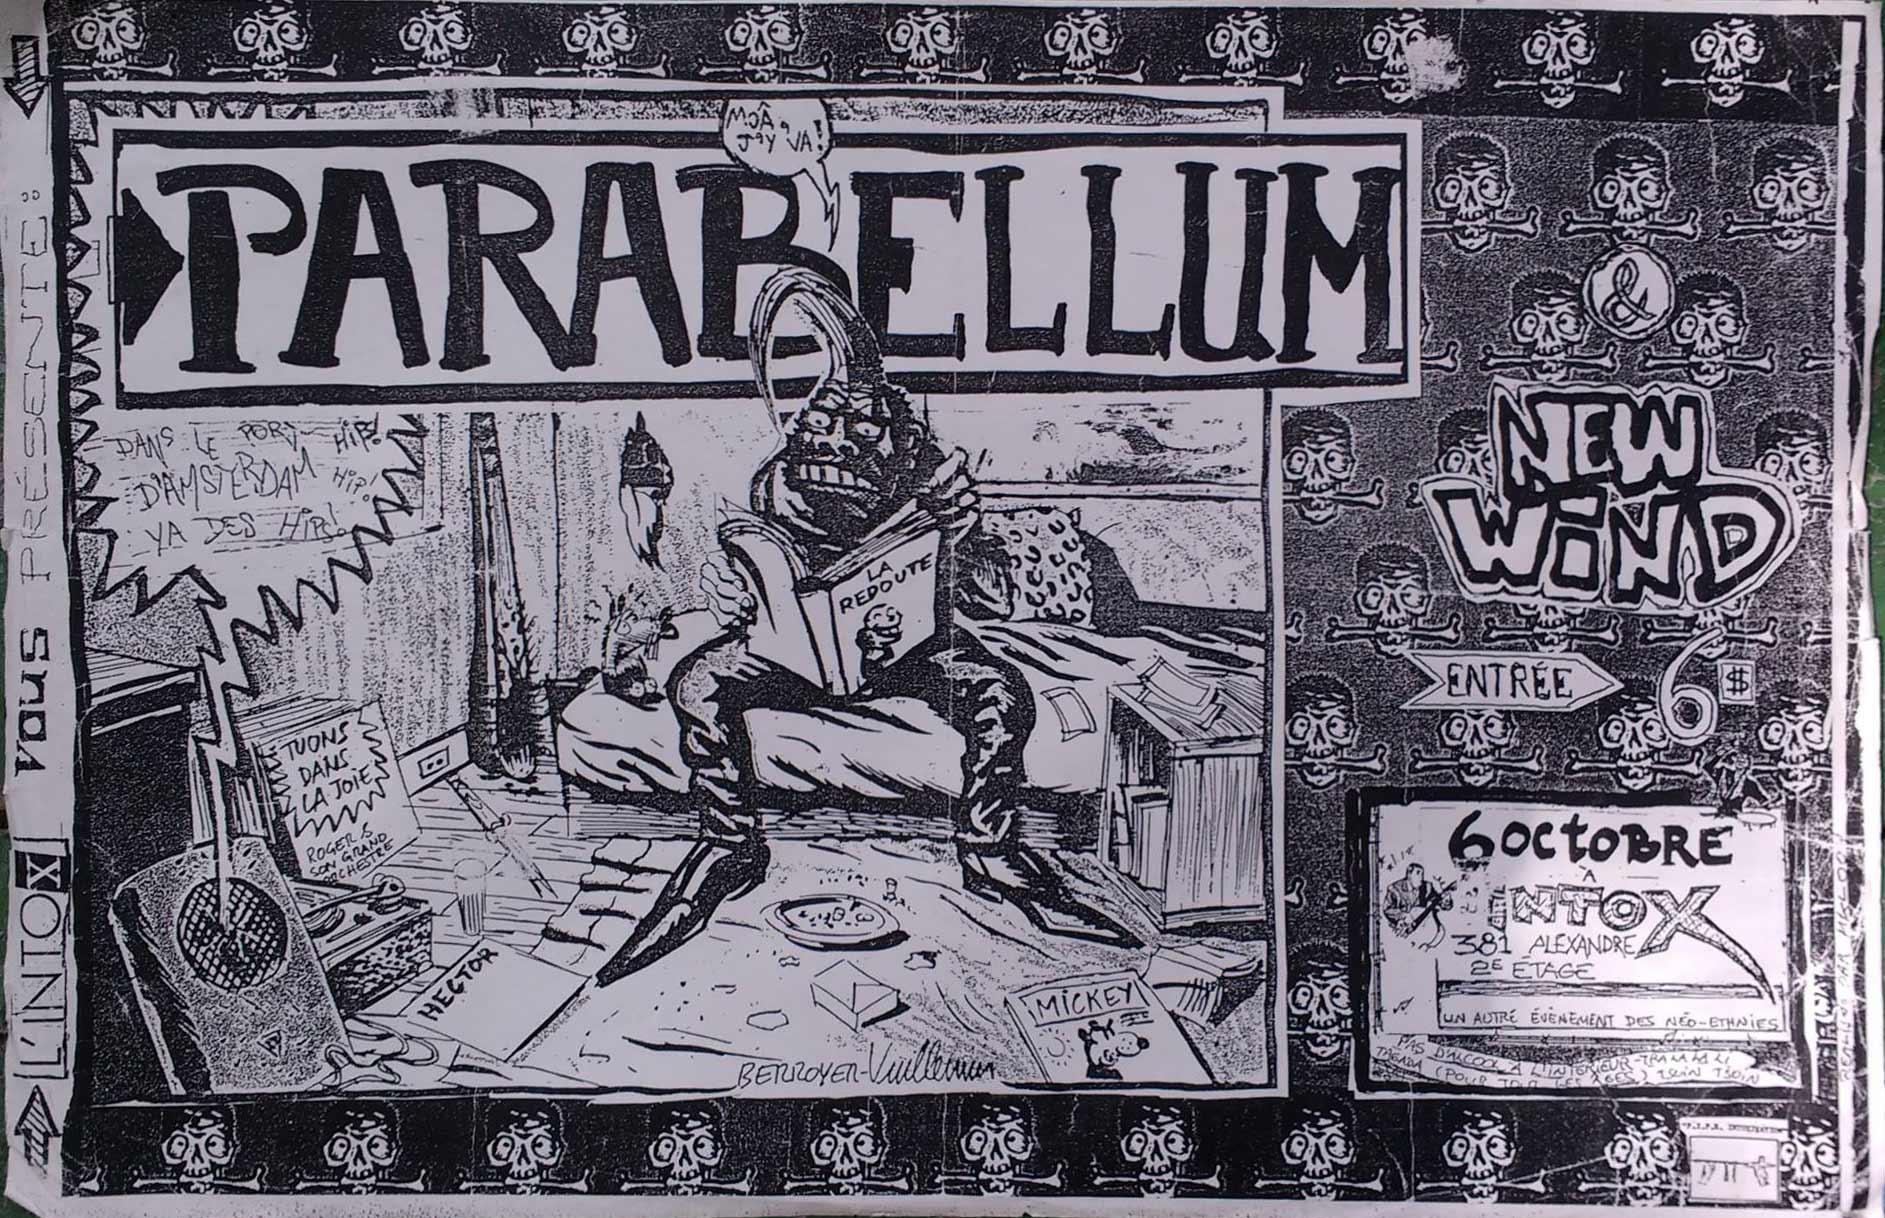 """6 octobre 1989 Parabellum, New Wind à Sherbrooke """"l'intox"""""""